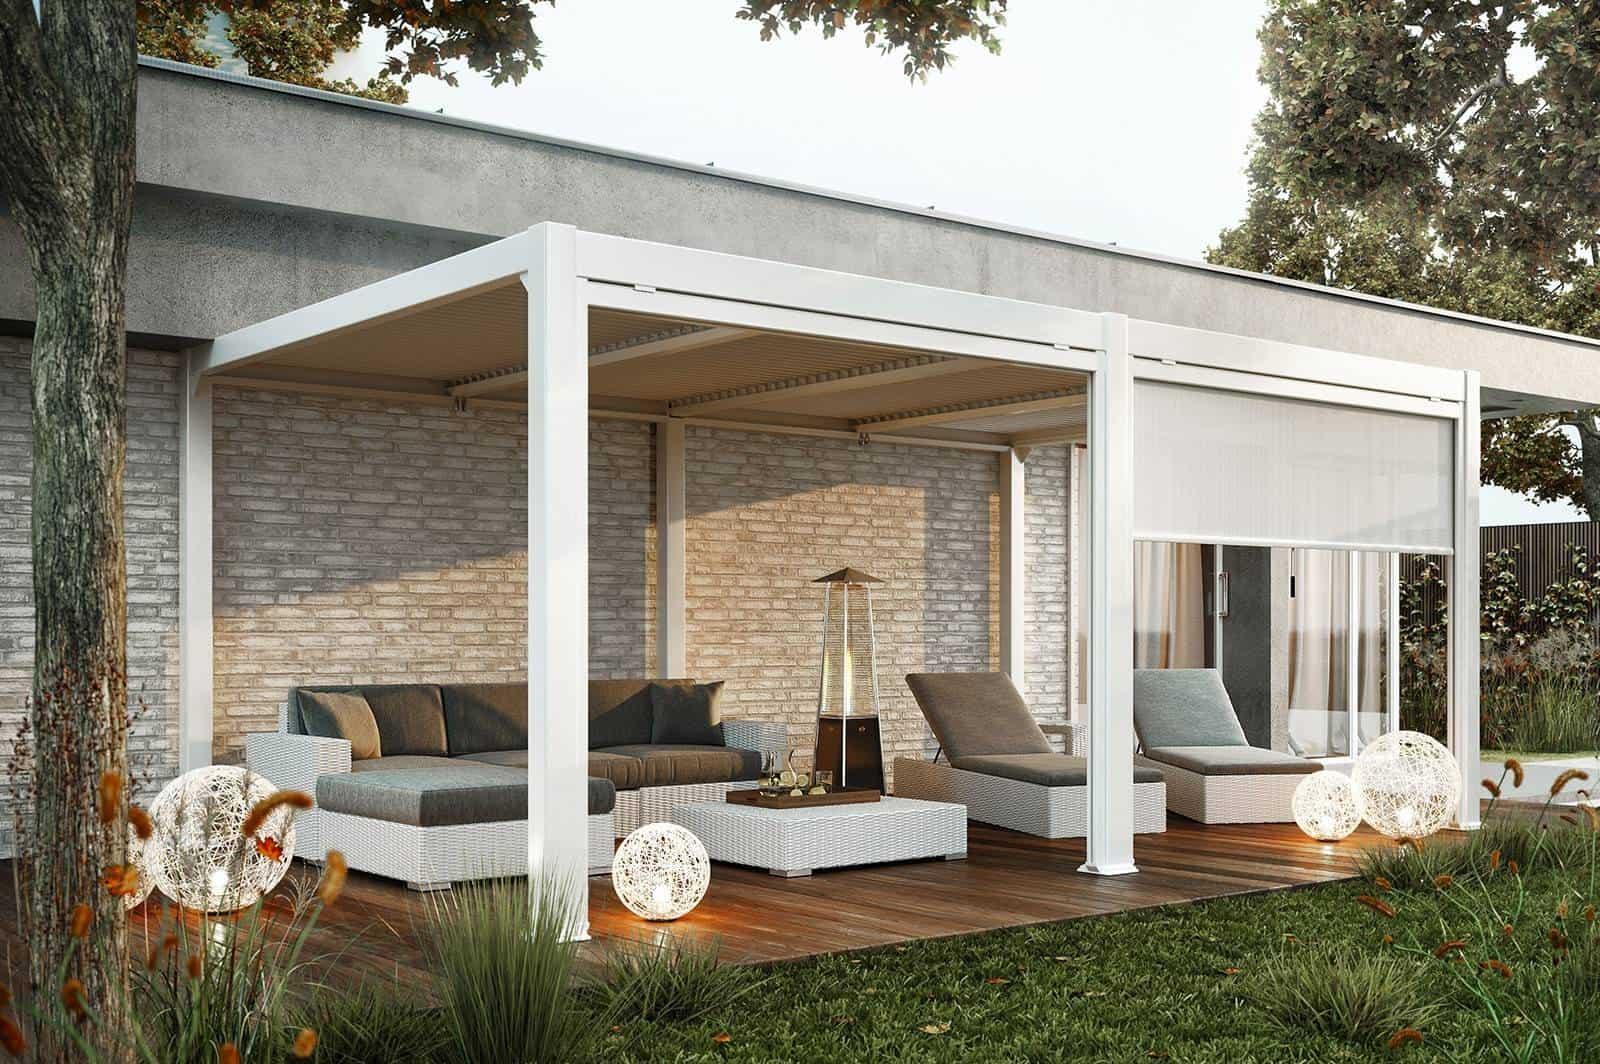 Pergola – zadaszenie, które podniesie komfort wypoczynku w ogrodzie